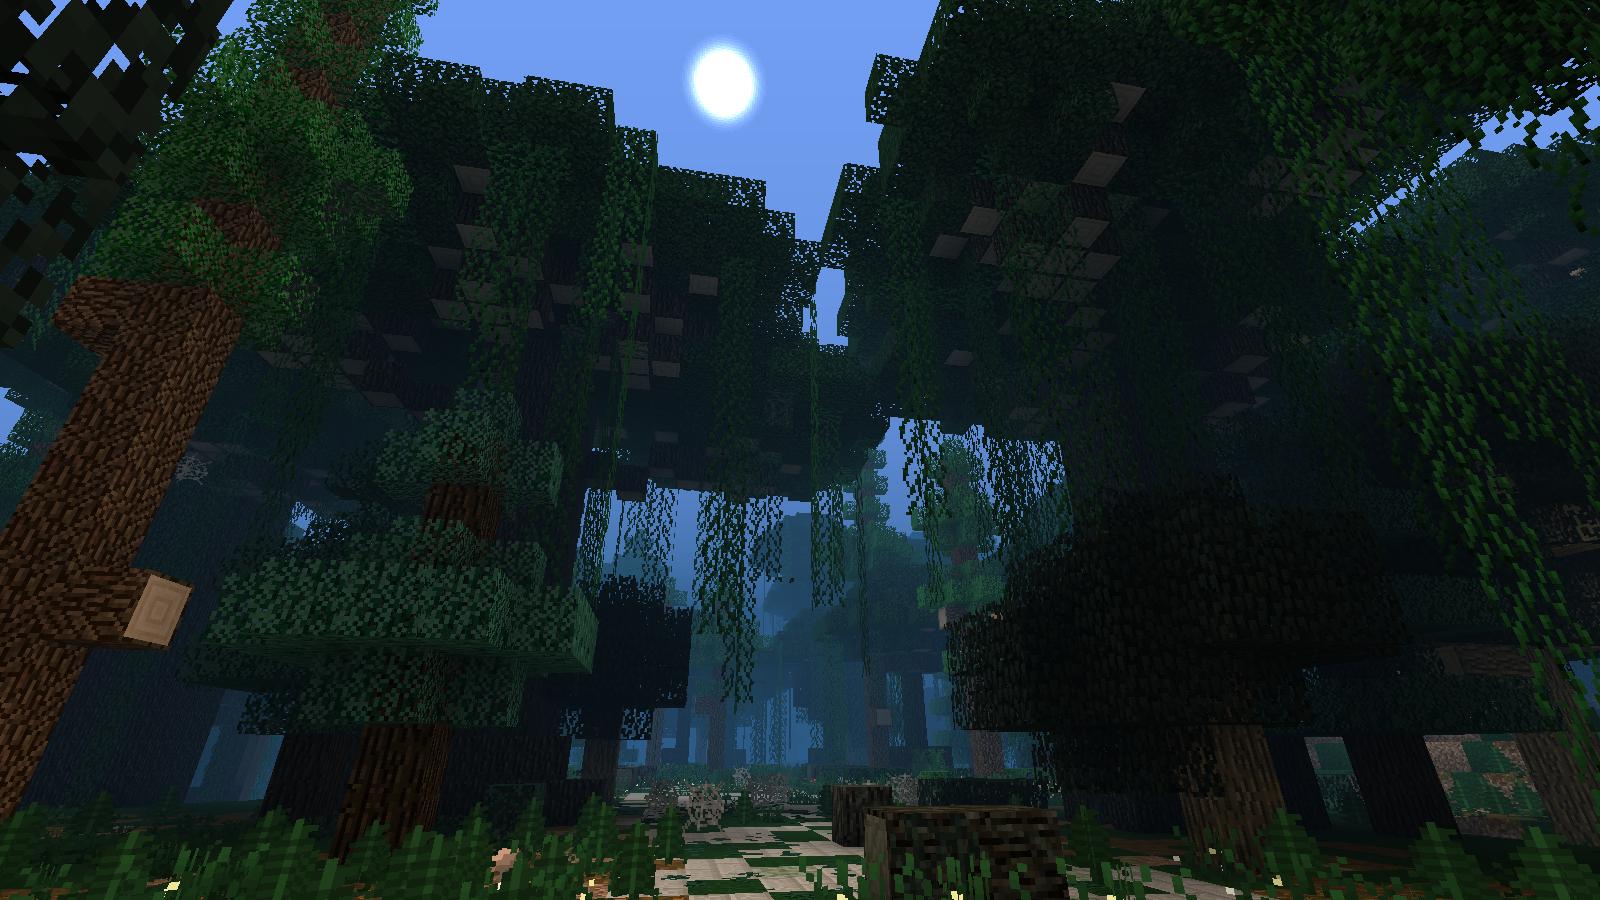 ForestMirkwood